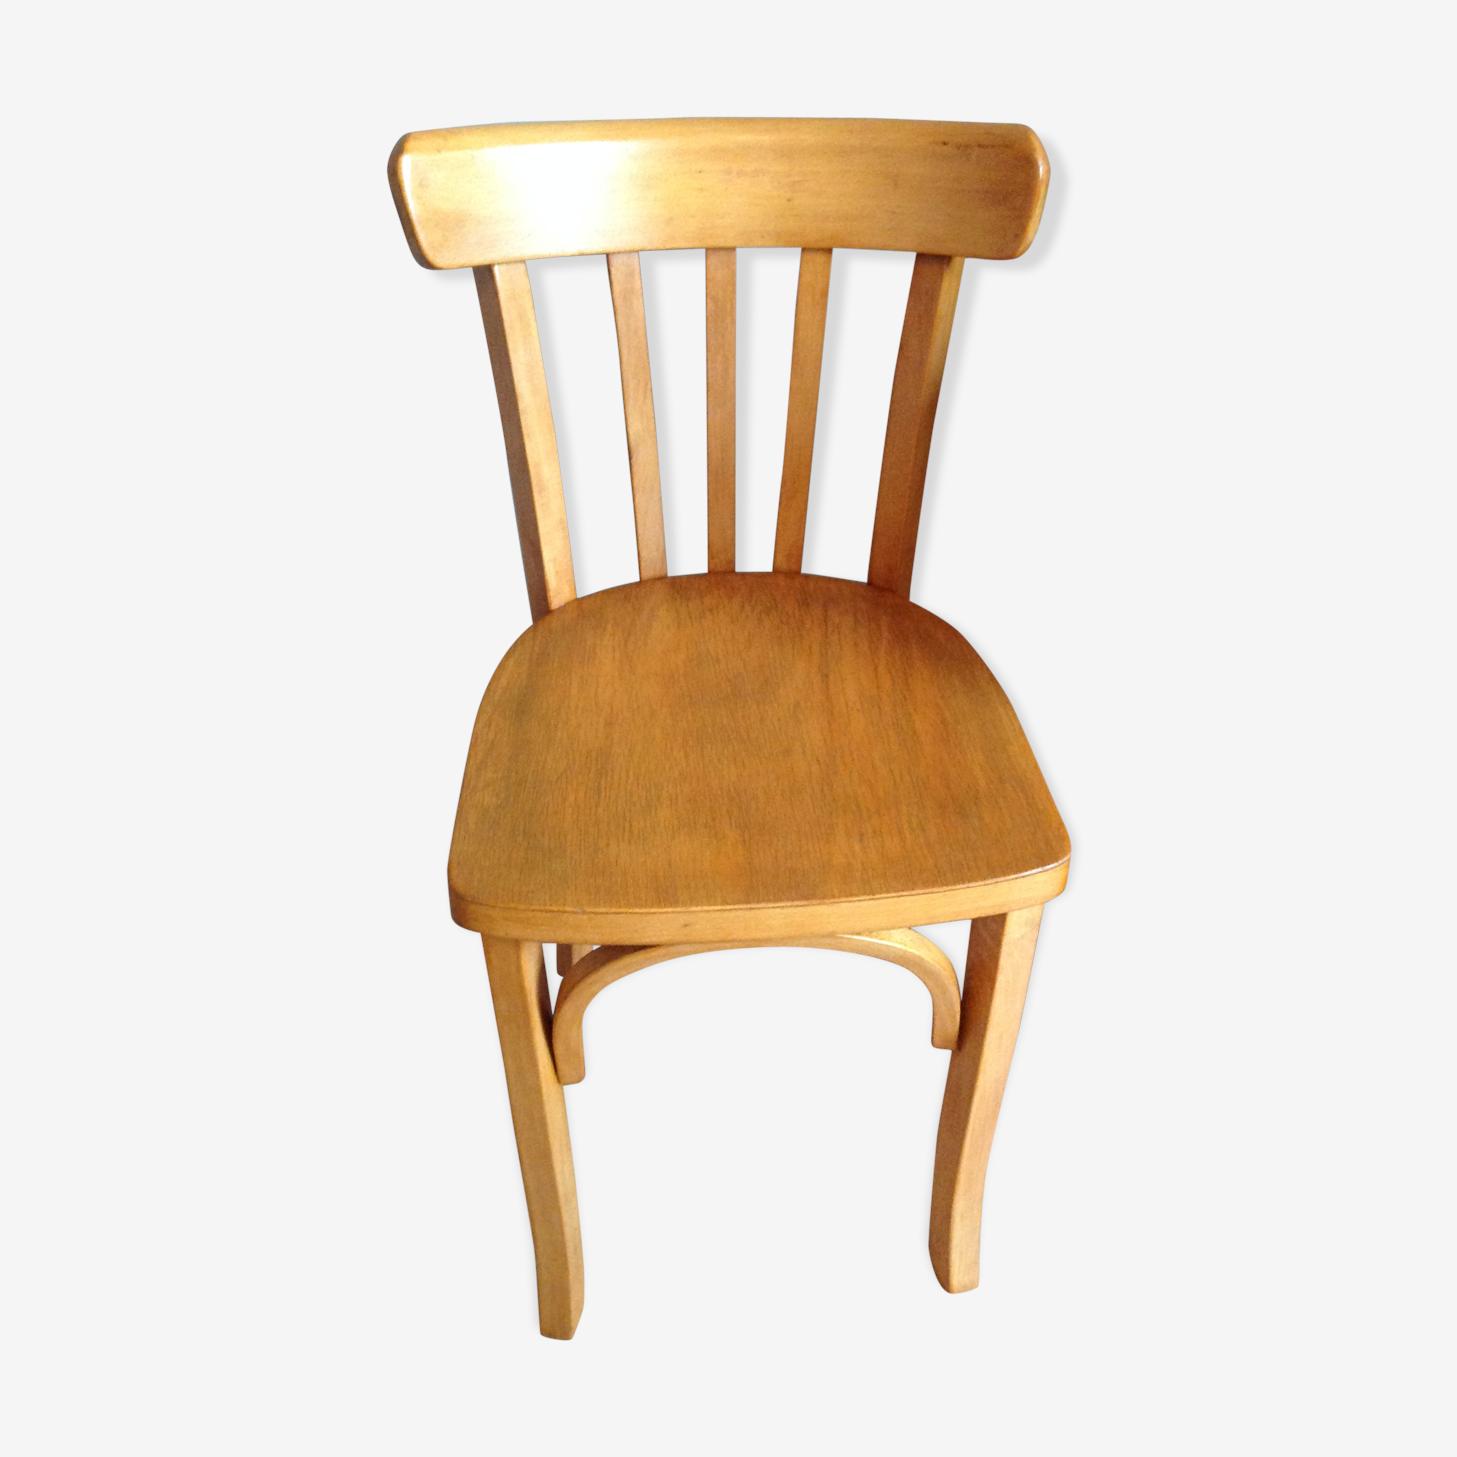 Chaise de bistrot Luterma pieds avec arceaux vintage années 40-50